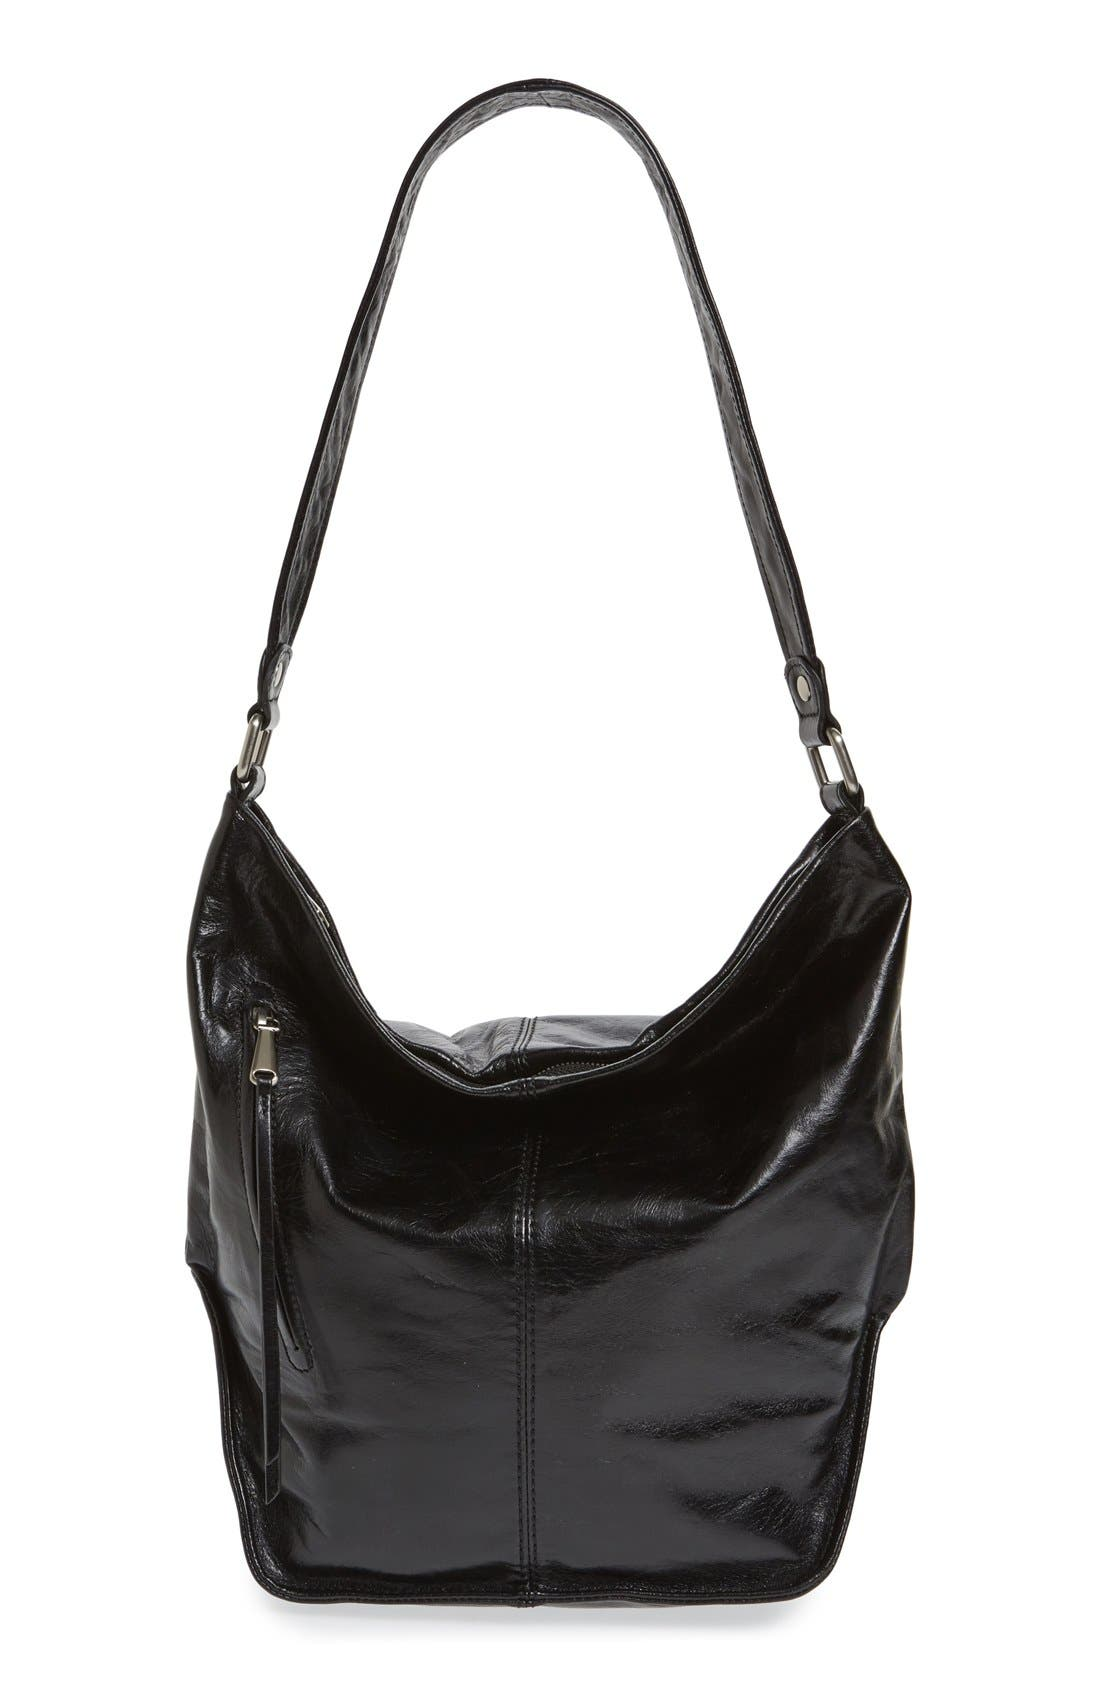 HOBO Meredith Leather Bucket Bag